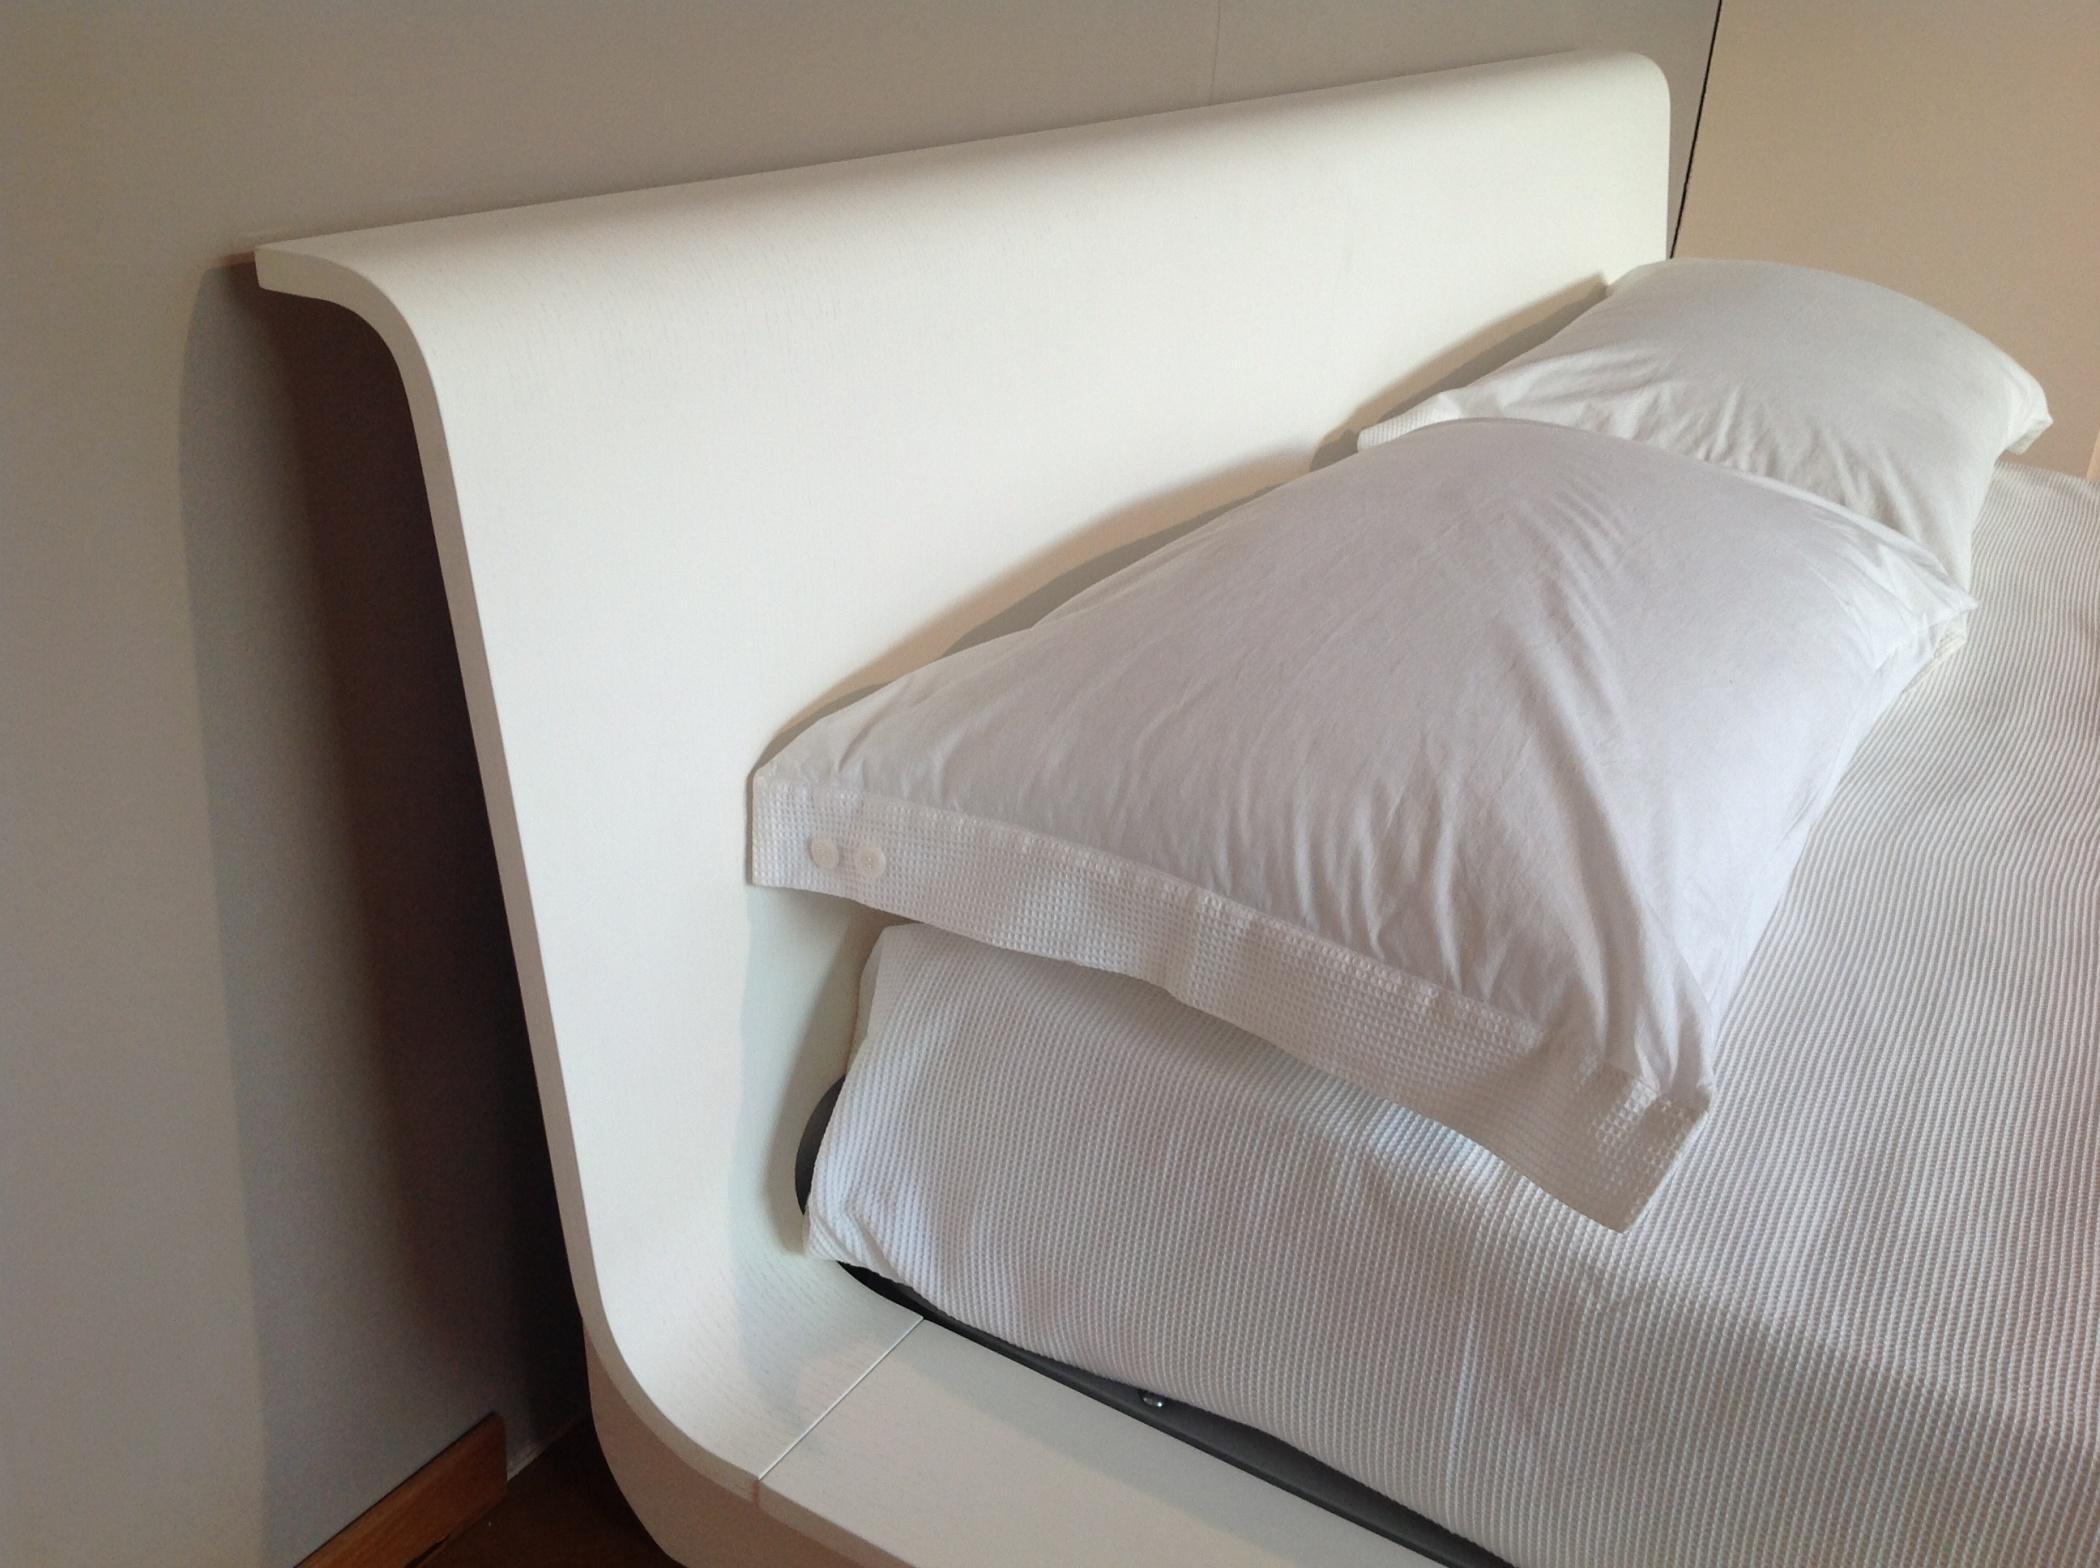 Testate letto legno bianco duylinh for - Testate letto con cuscini ...